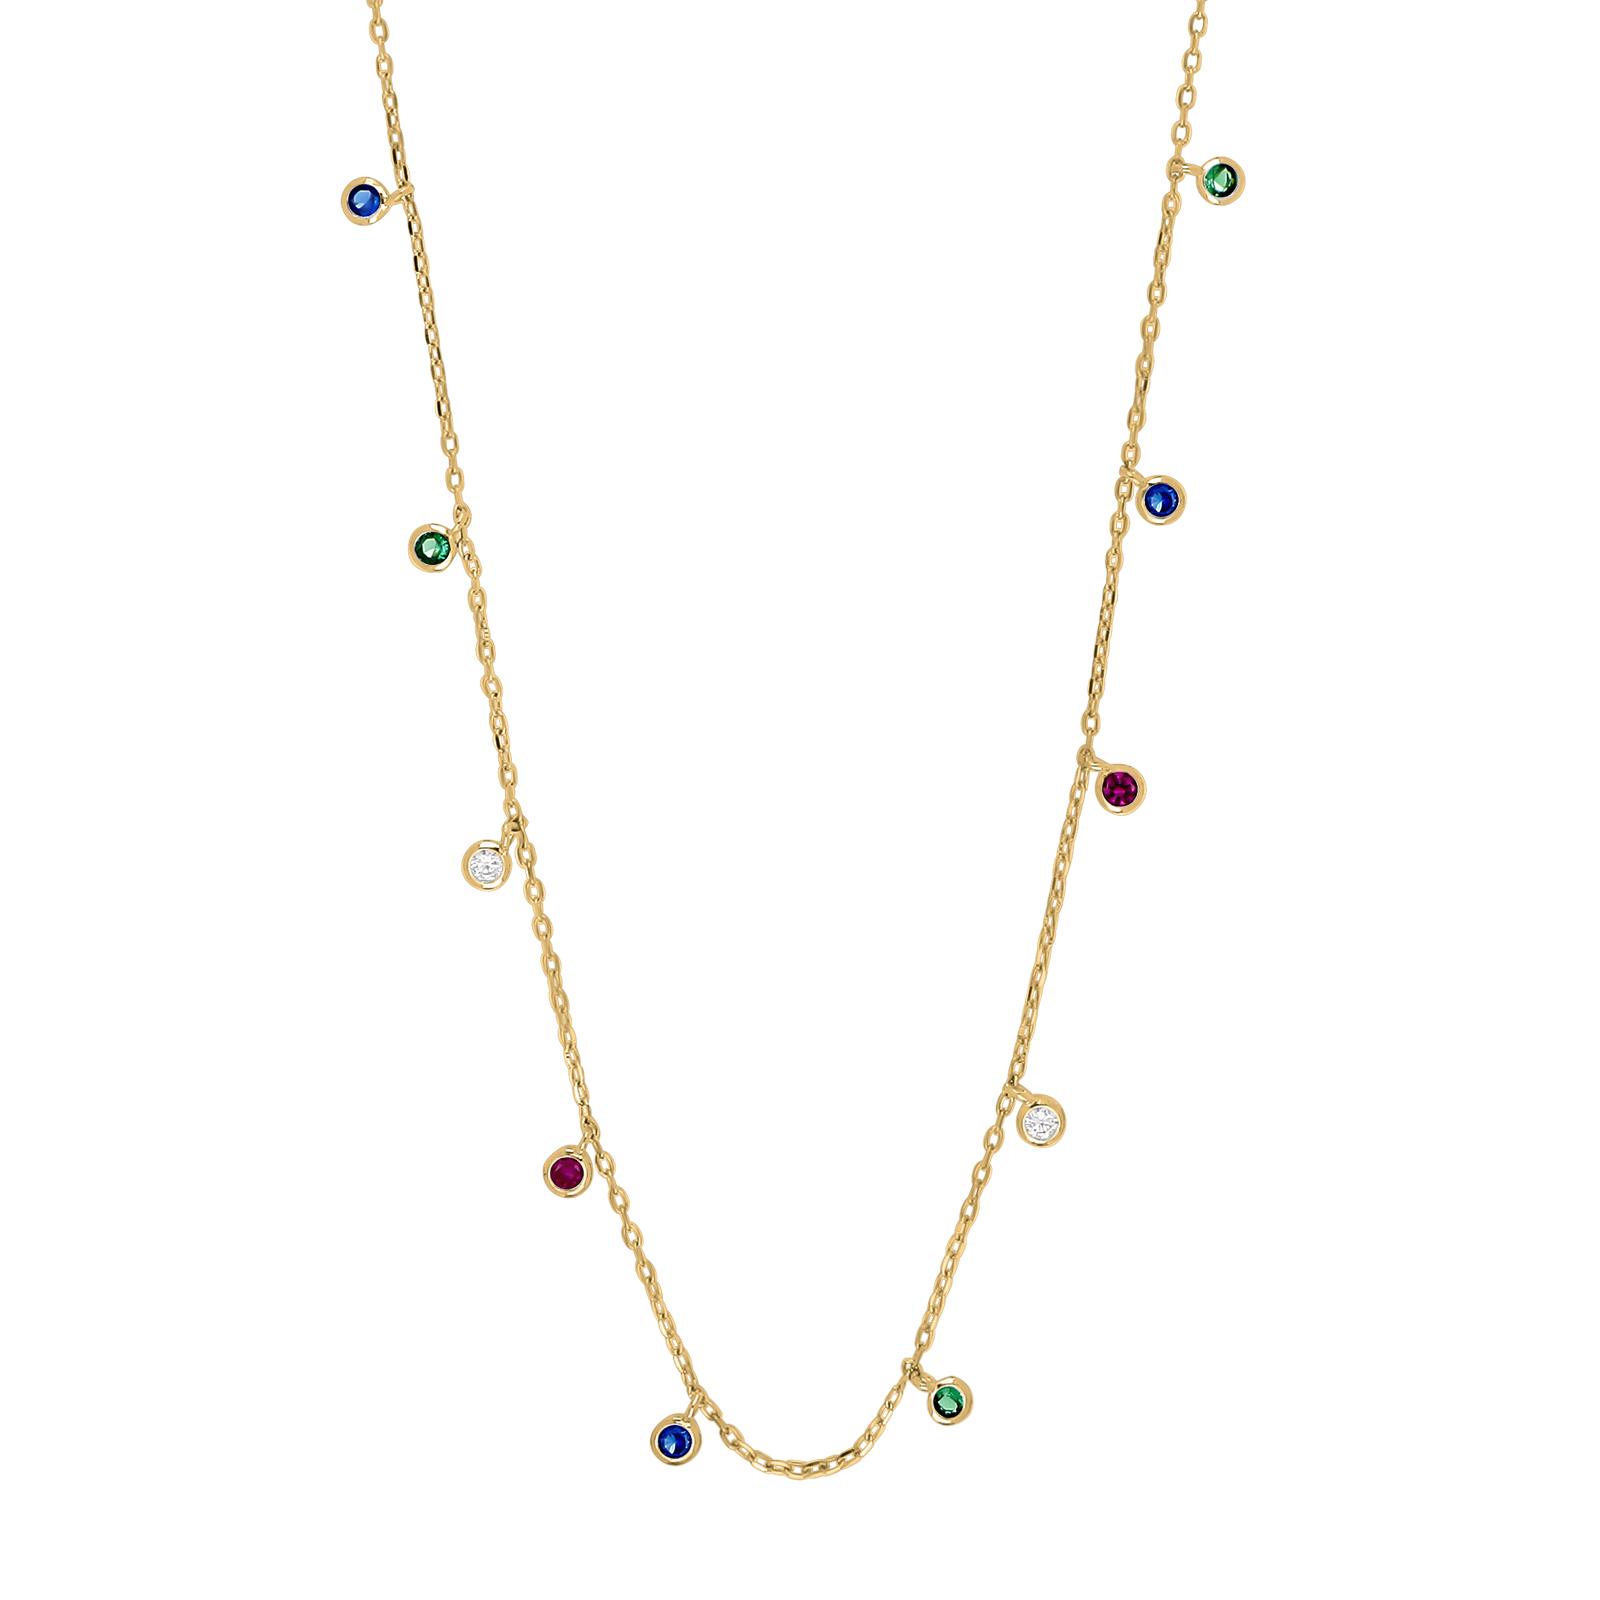 Forgyldt sølv halskæde med multifarvede zirkoner model GiaNor